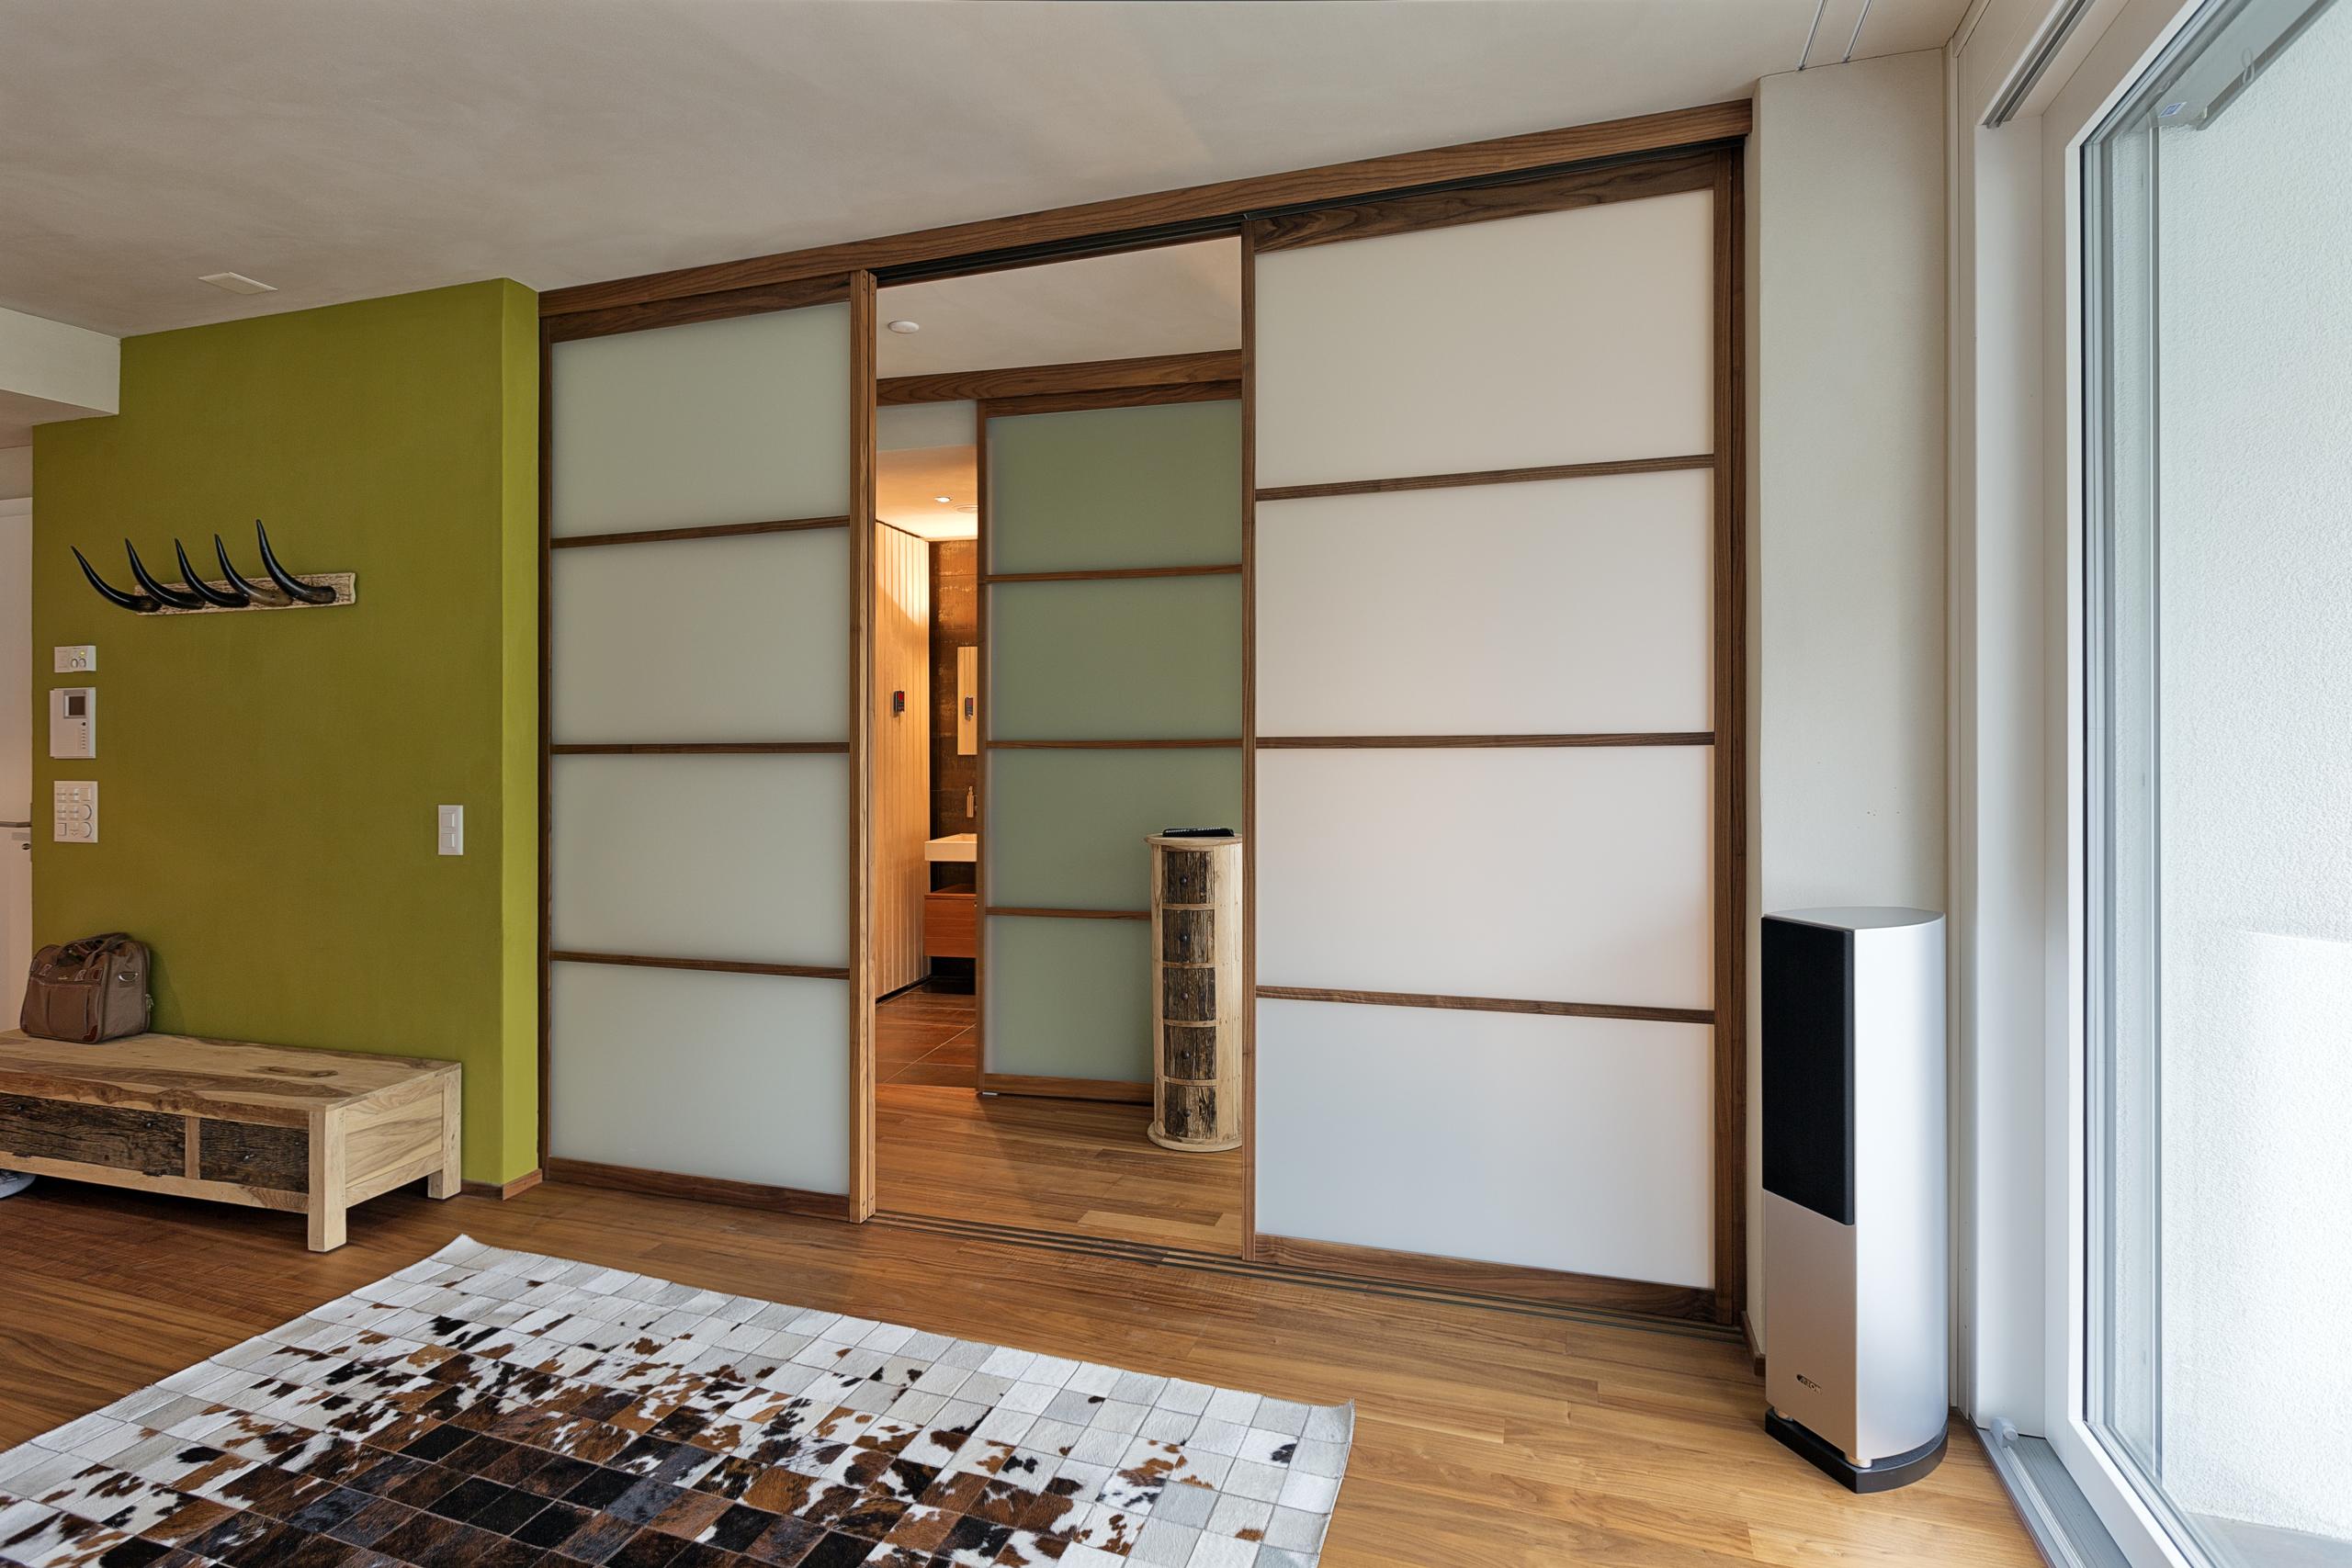 schiebet ren auf zu. Black Bedroom Furniture Sets. Home Design Ideas